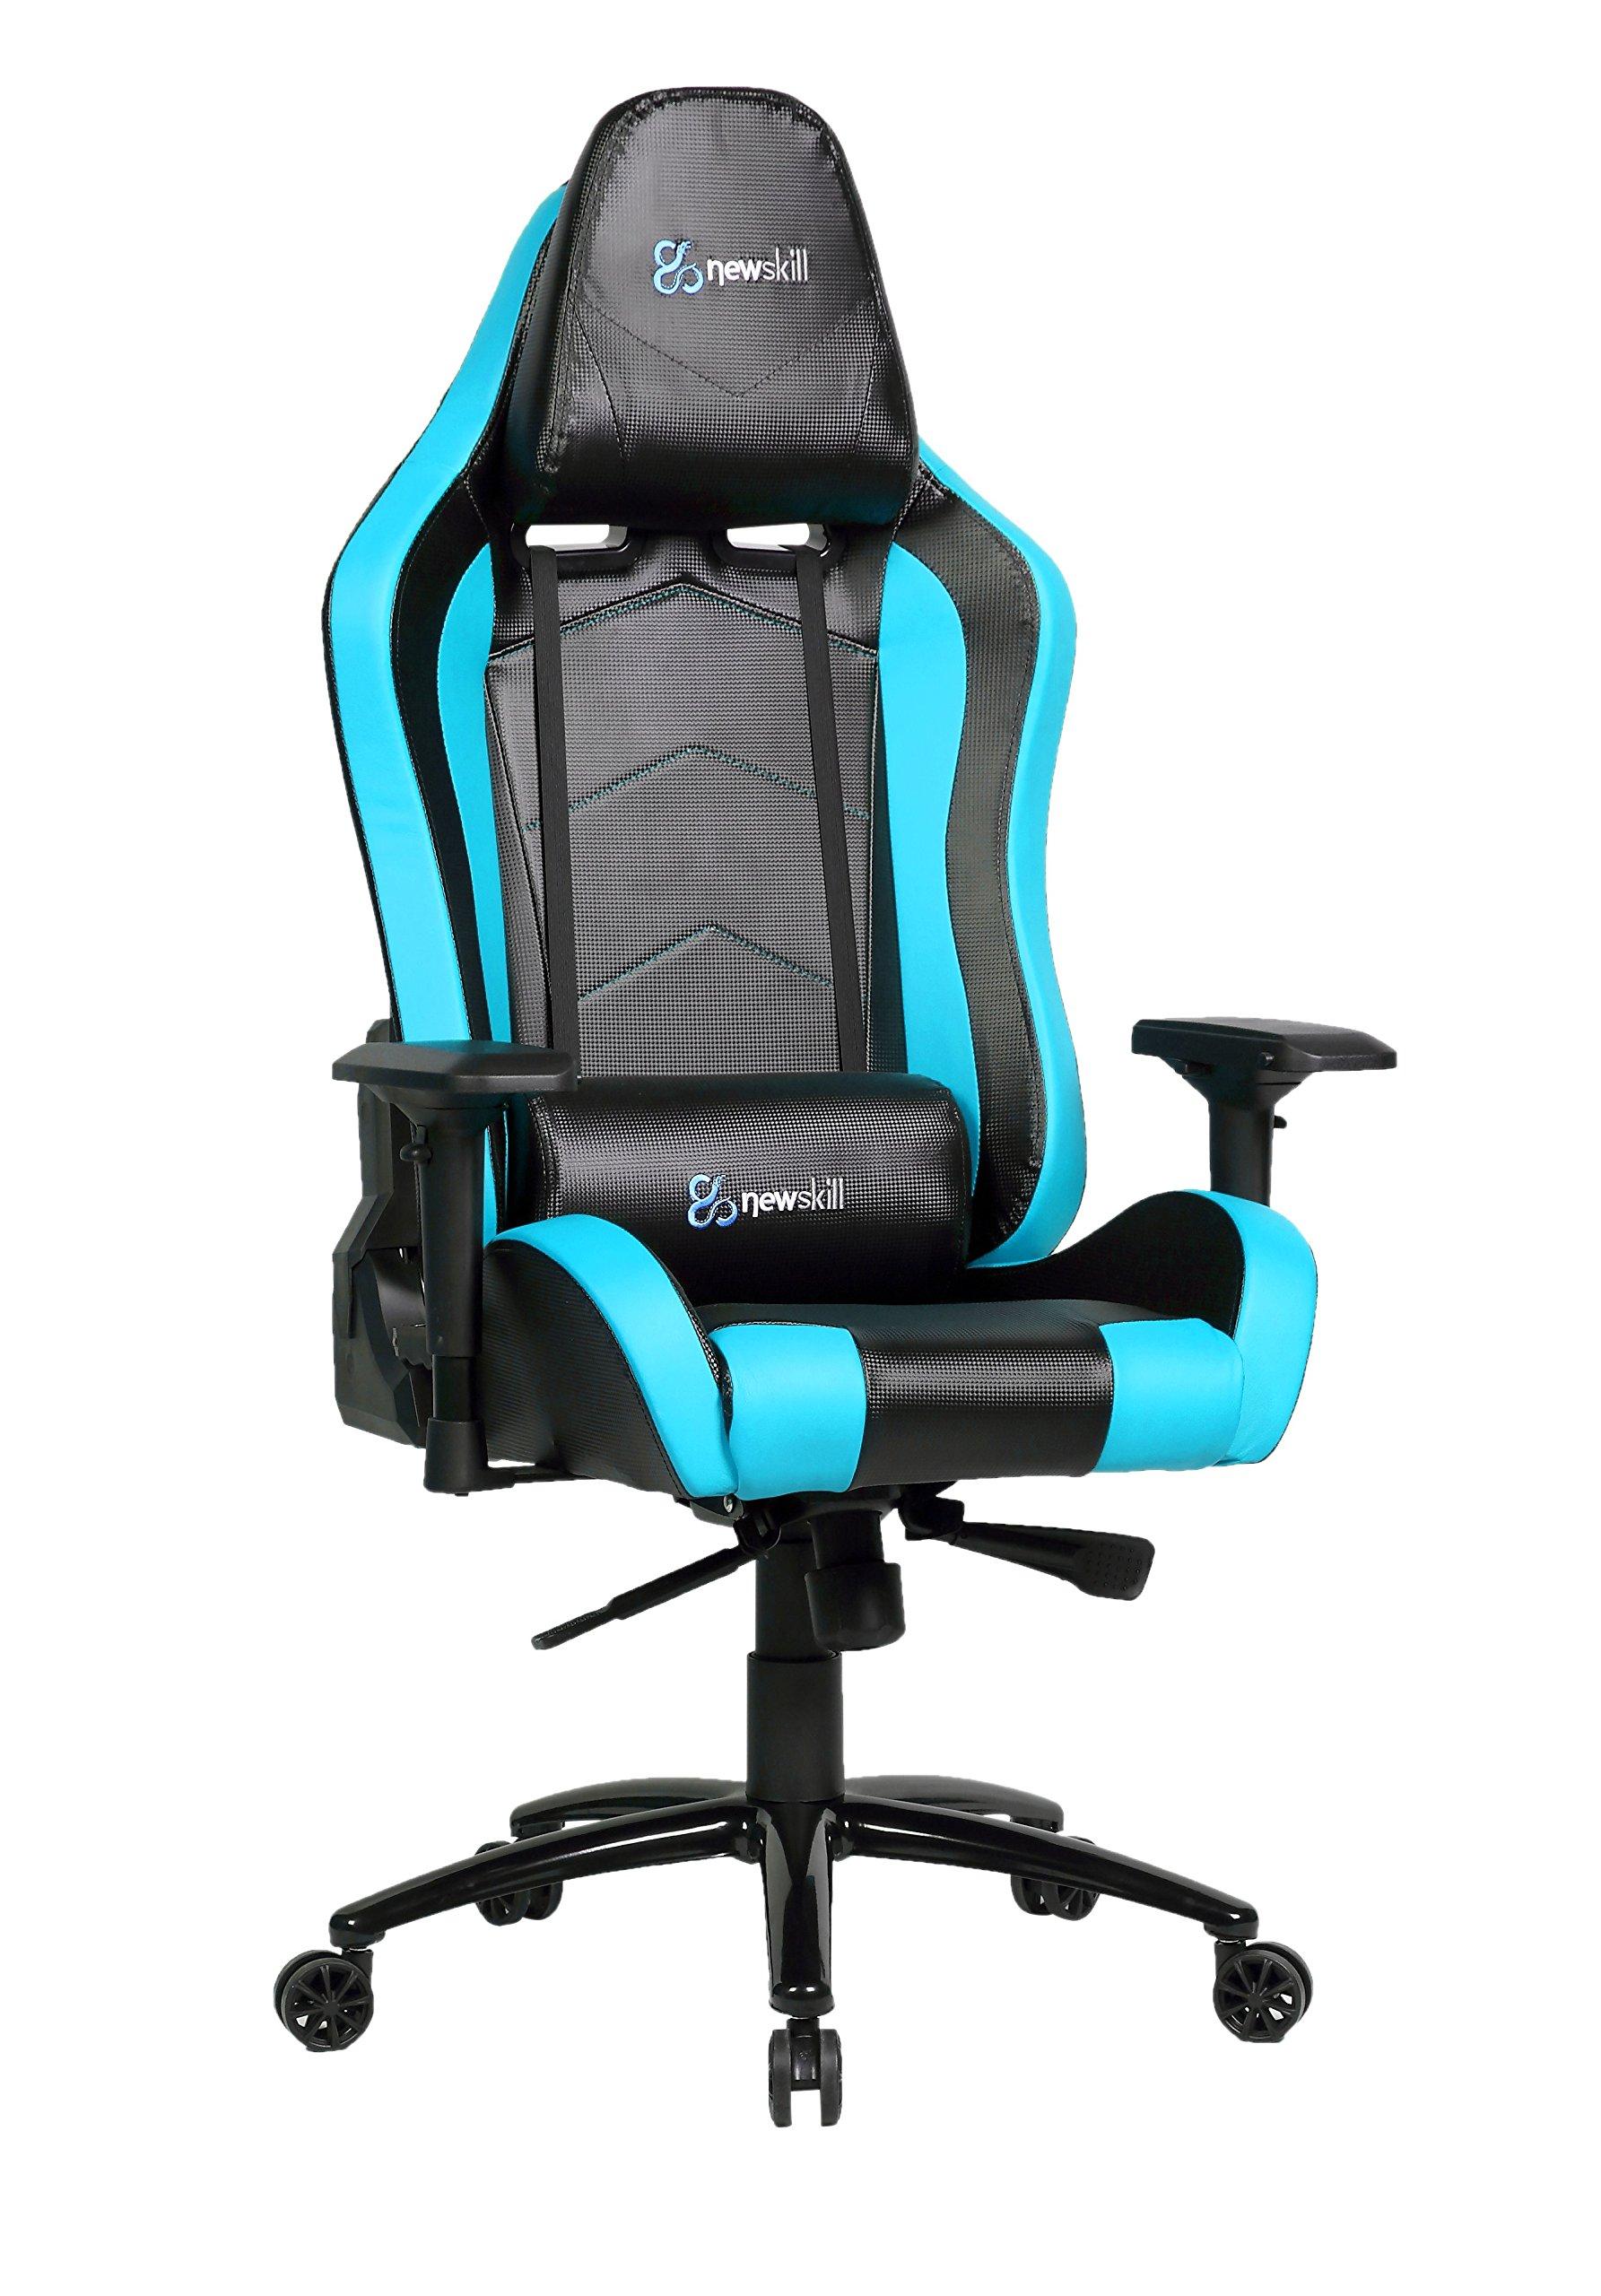 Newskill Takamikura Carbon – Silla gaming profesional (Piel efecto carbono, inclinación y altura regulable, reposabrazos ajustables, reclinable 180º), Color Azul